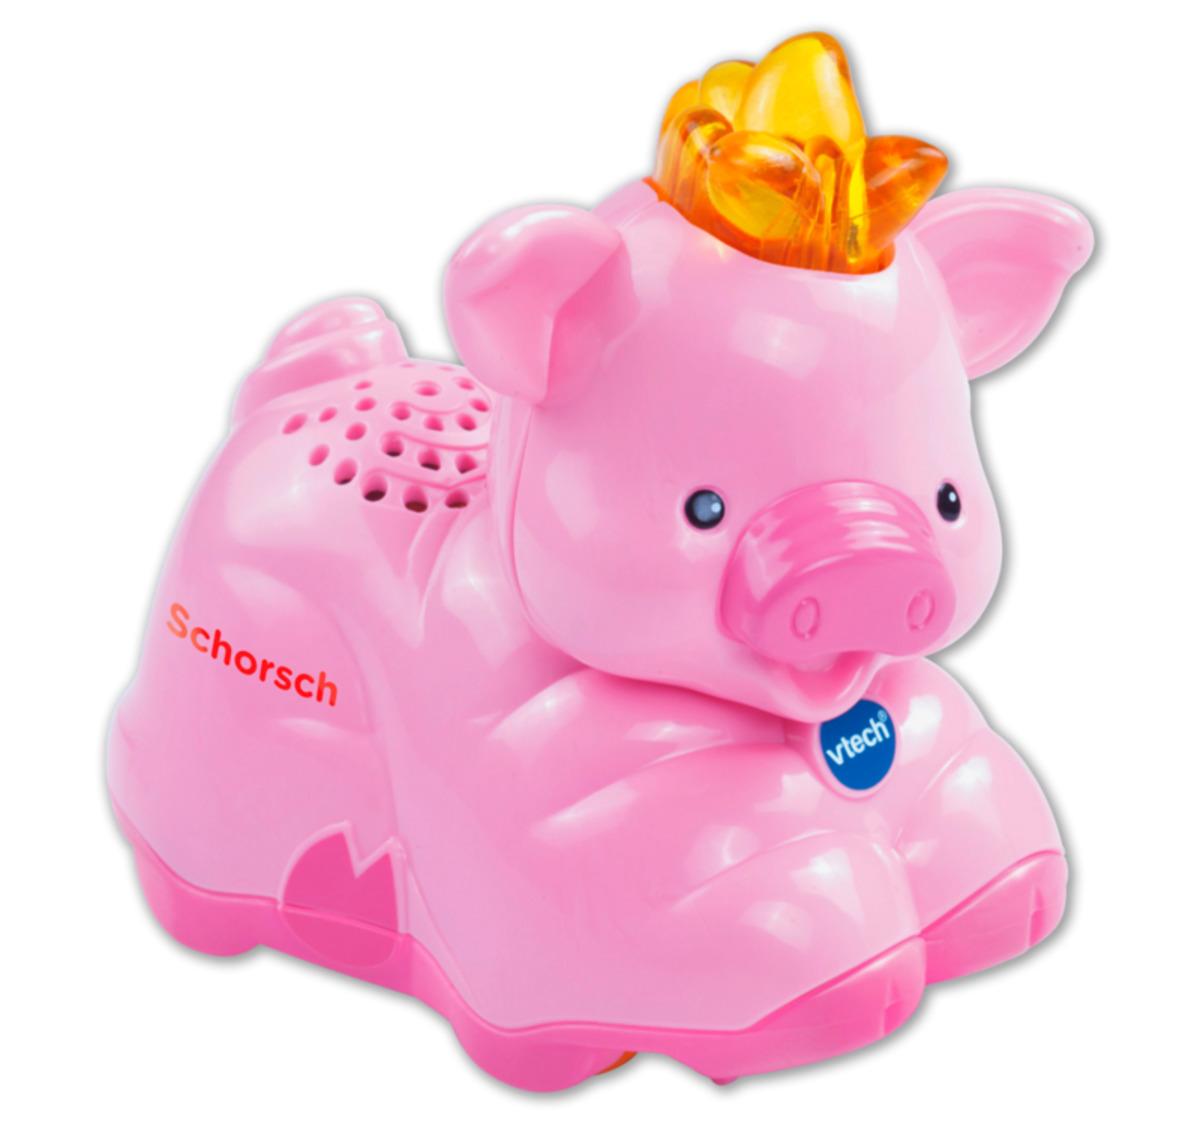 Bild 5 von VTECH Baby-Spielzeug